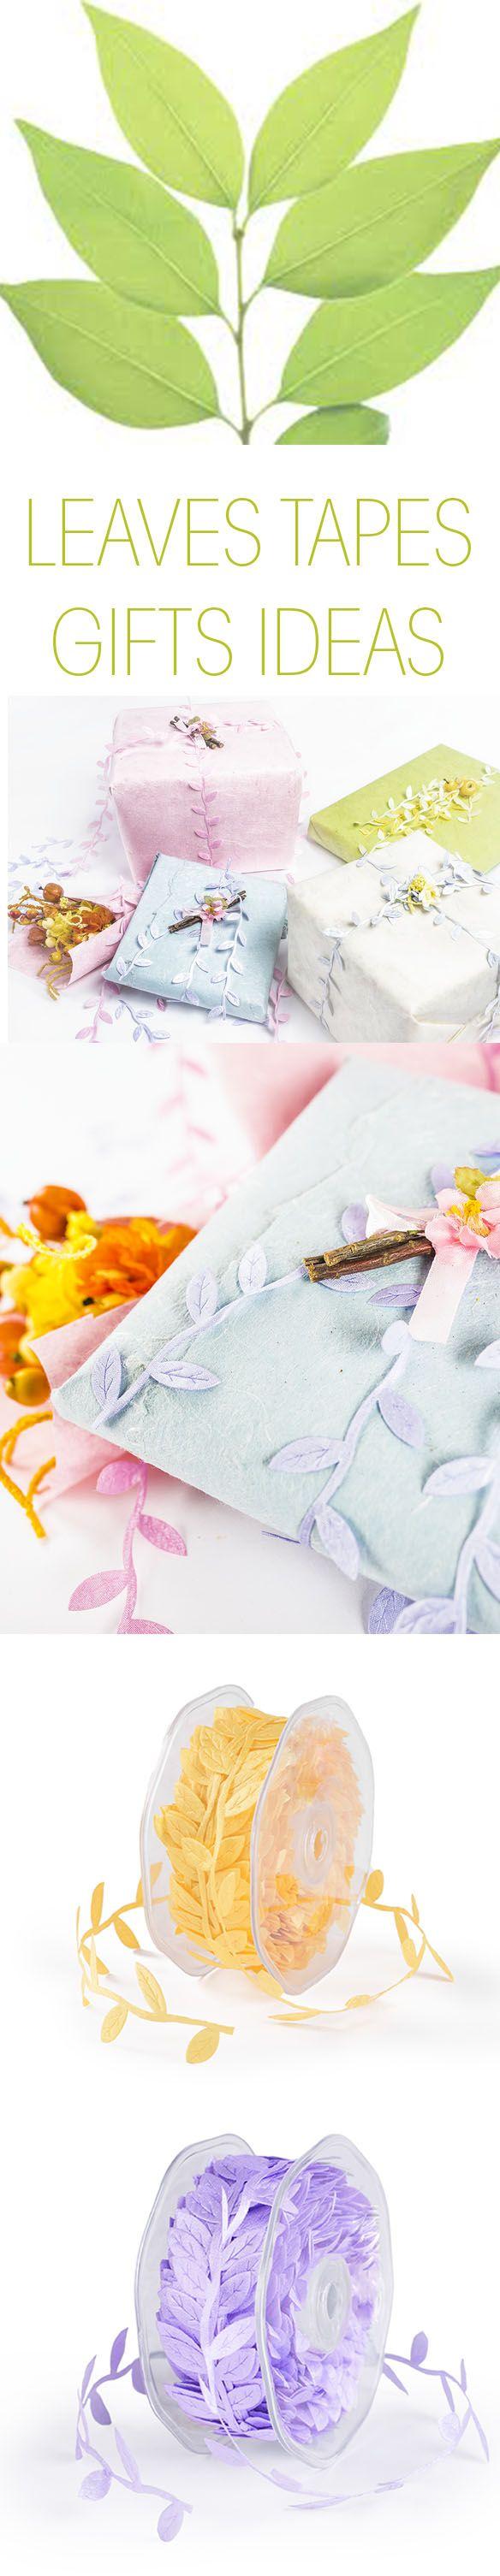 Il Nastro Foglioline è un nastro decorativo elegante ed ornamentale per decorare pacchetti e regali con un tocco di originalità e di classe.